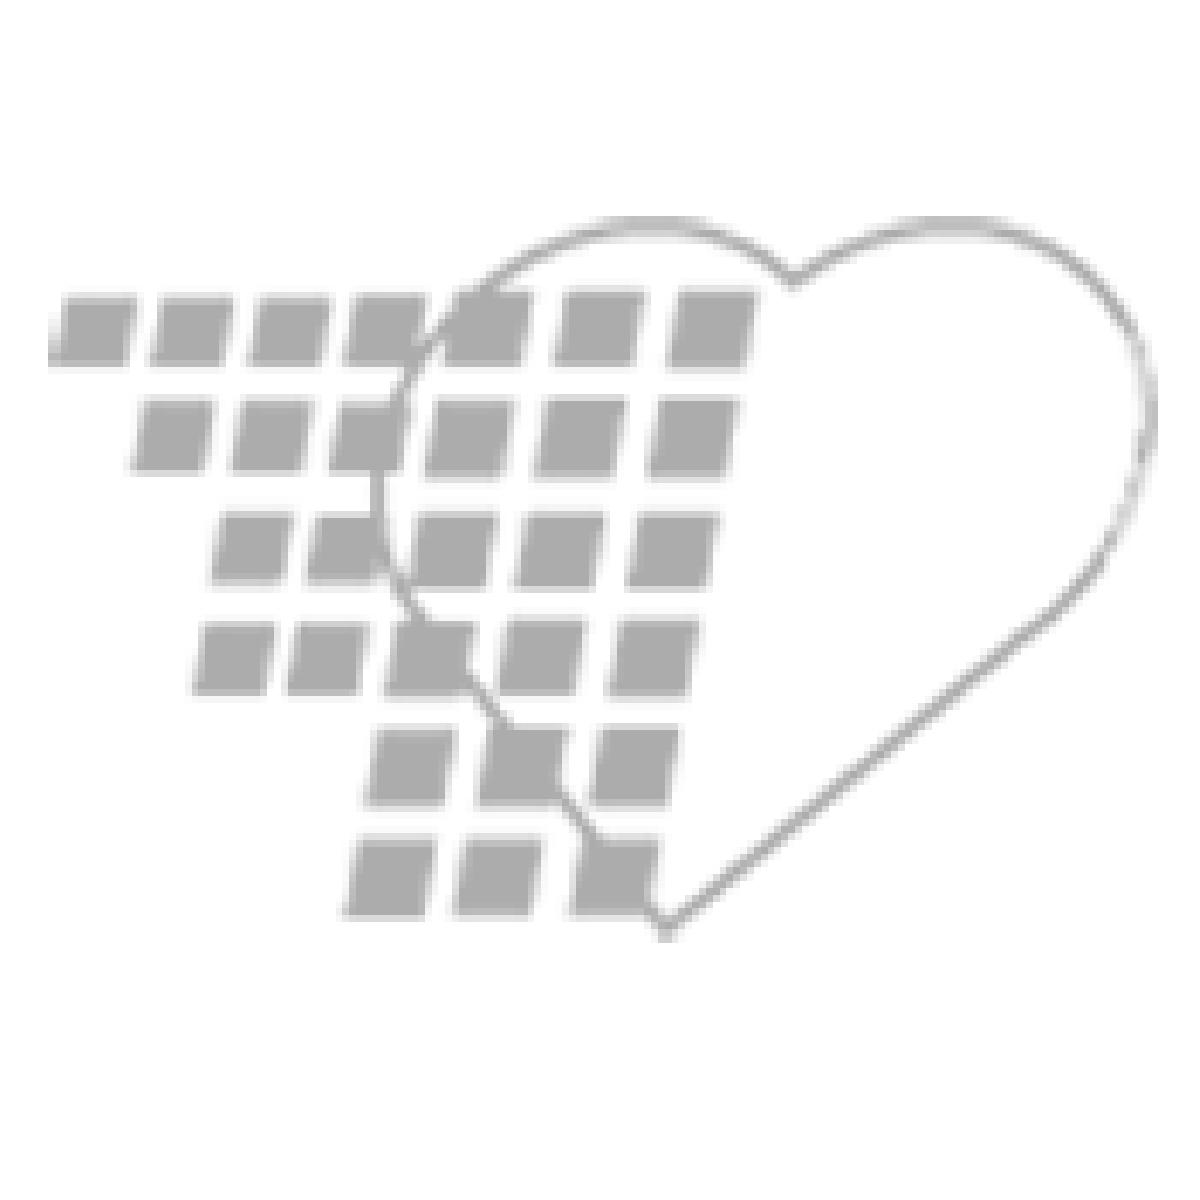 05-46-3662 Kangaroo™ Epump Set with Flush Bag Anti-free Flow - 1000 mL